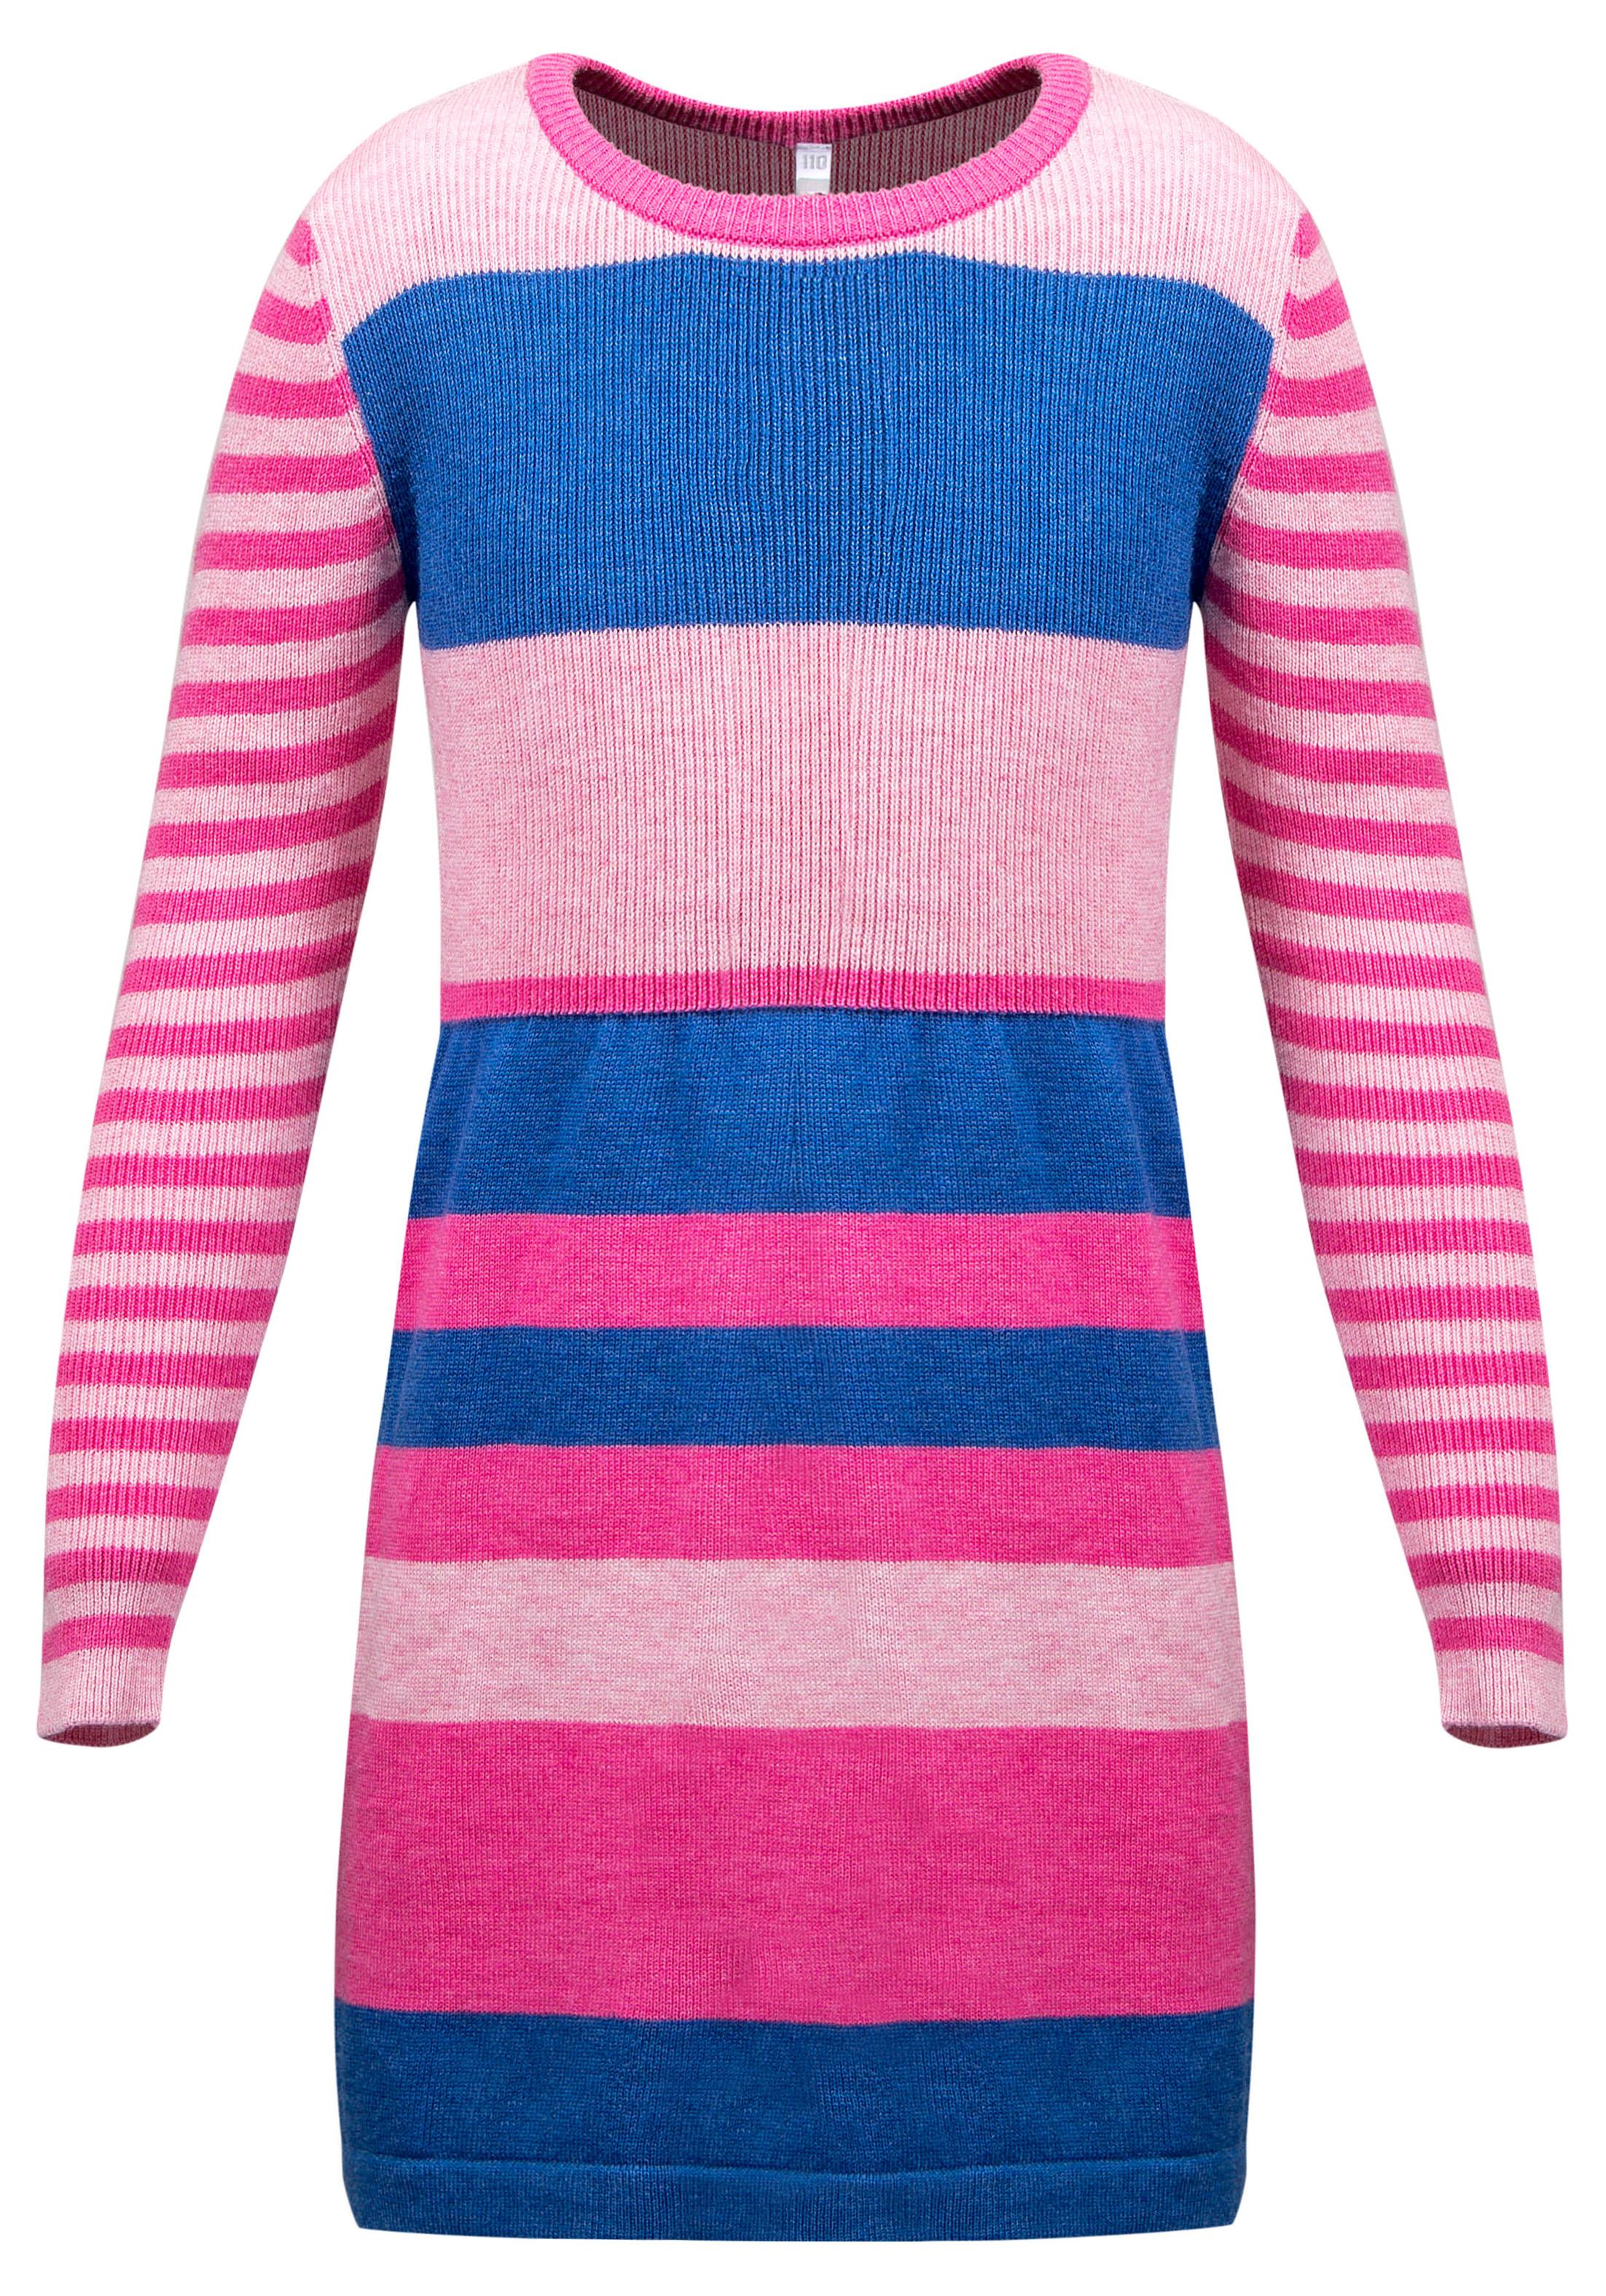 Платья Barkito Мелодия, розовое с рисунком в полоску